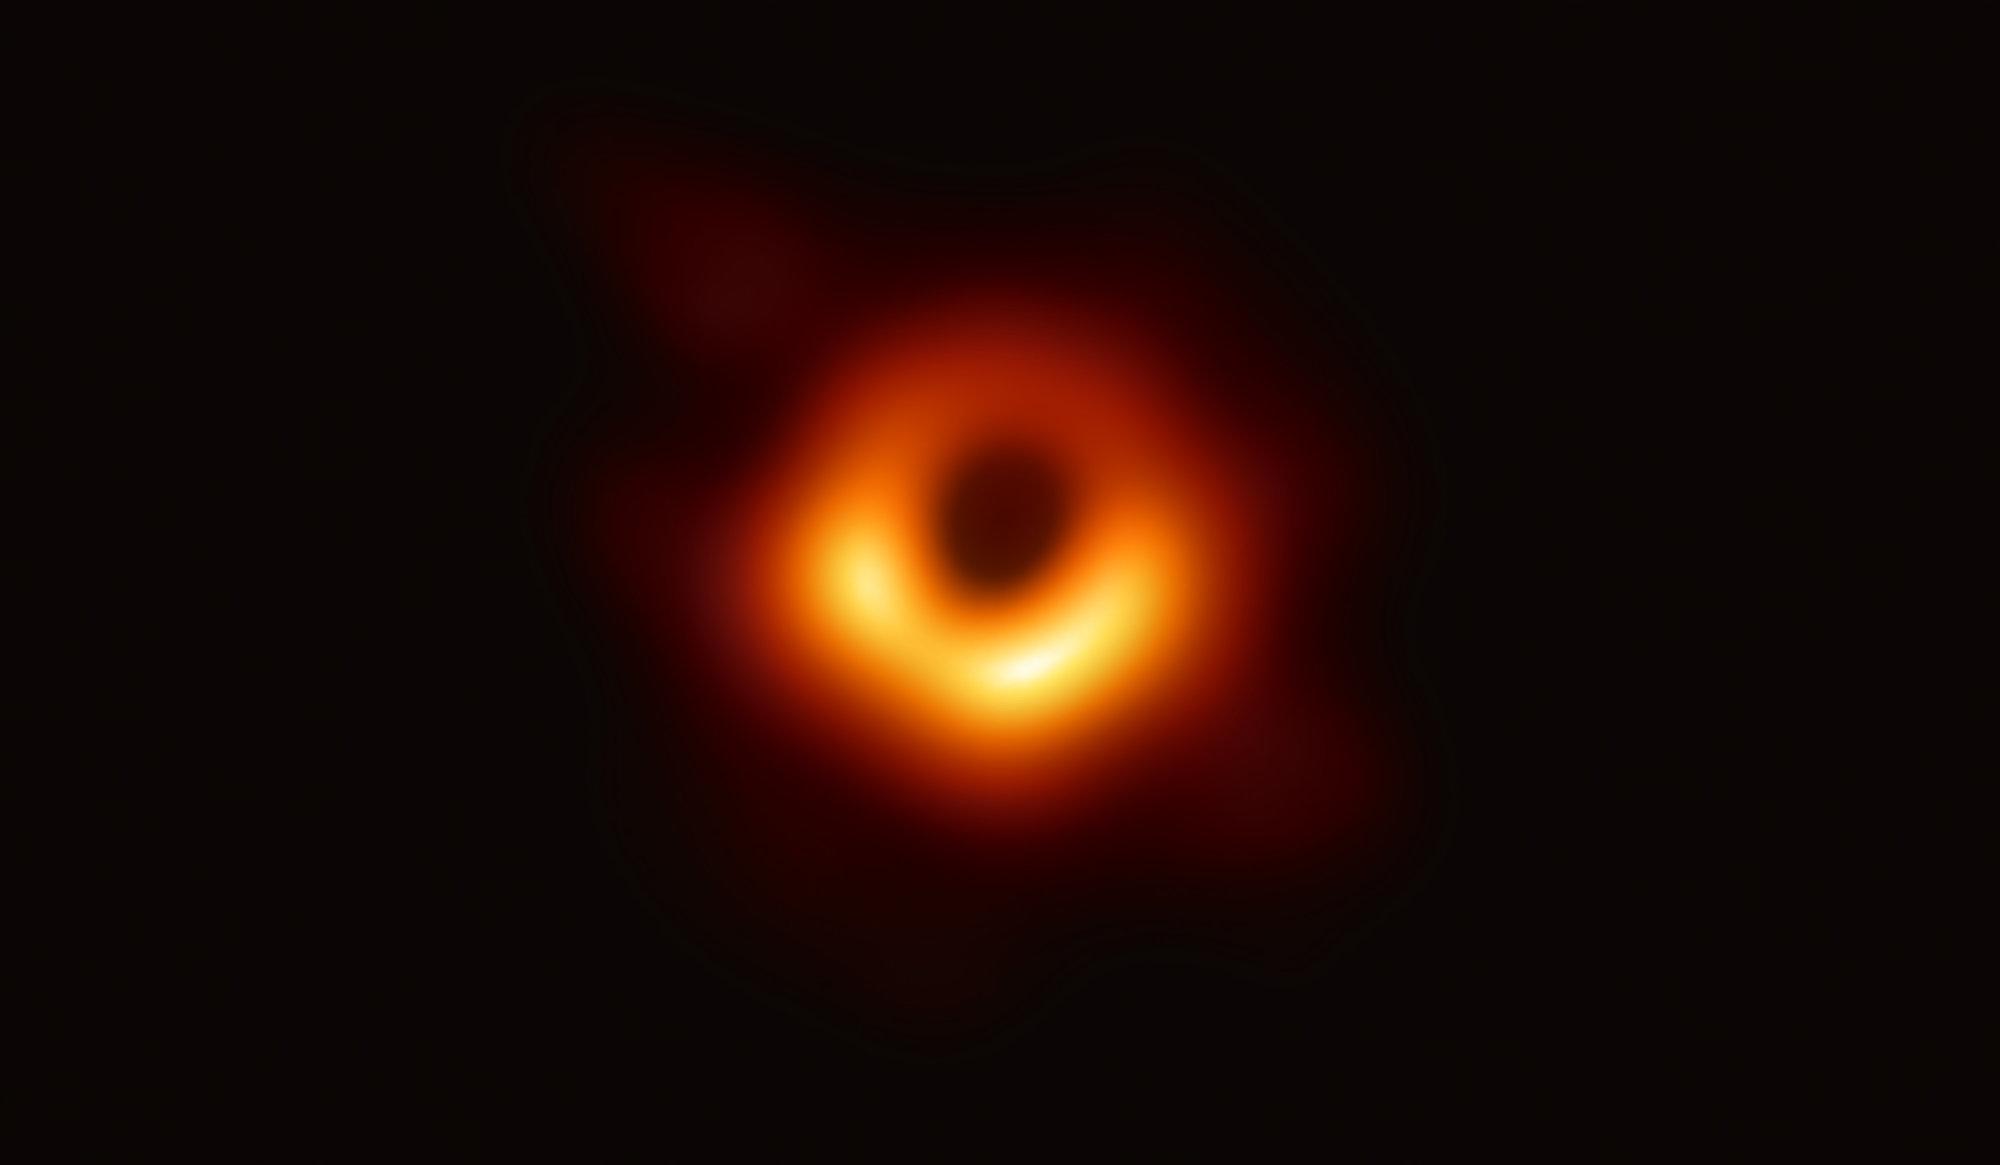 À quoi ressemble un trou noir dans notre univers ?